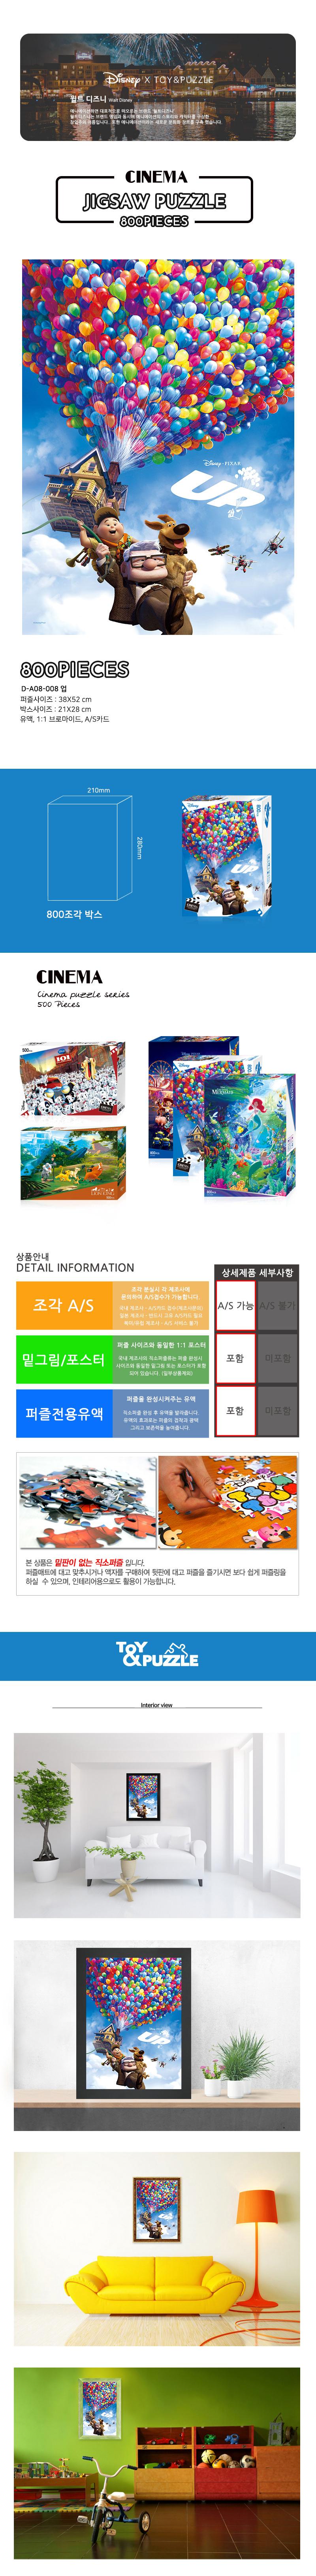 직소퍼즐 800피스 업 D-A08-0008 - 퍼즐카페, 15,300원, 조각/퍼즐, 캐릭터 직소퍼즐